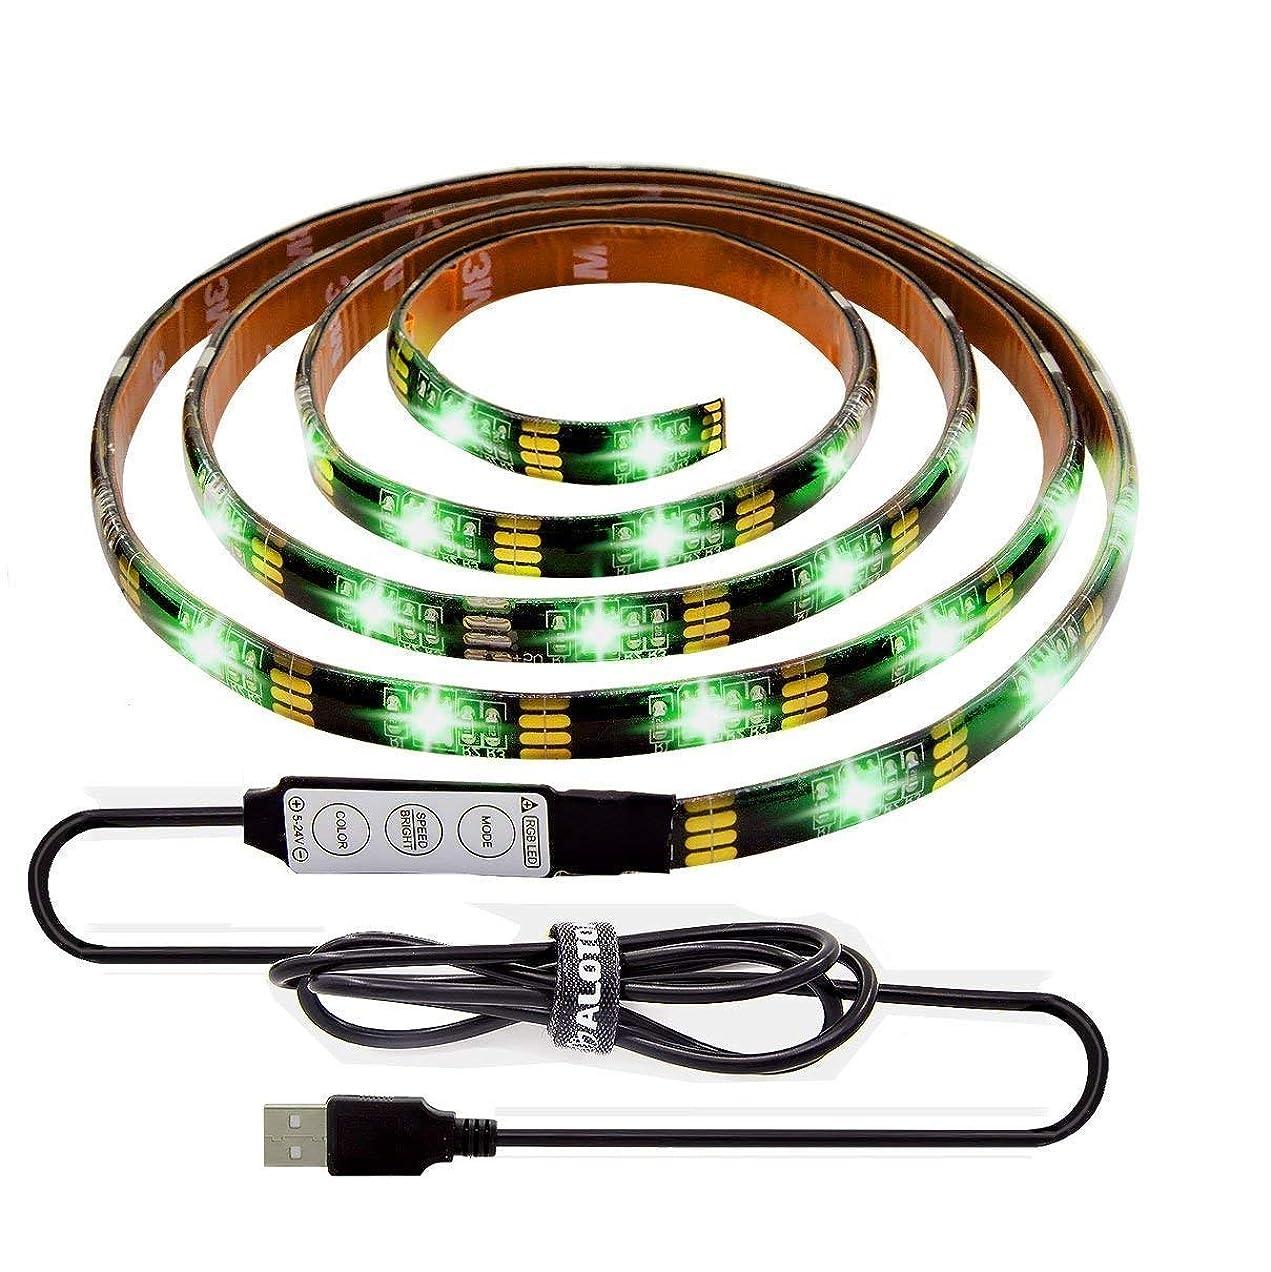 密接に神経衰弱ピラミッドLEDGLE 5W USB LED電球 ポータブル LEDライト USBライト 電球形 USB給電 USB端子 無段階調光 タッチスイッチ キャンプライト アウトド アランタン デスクライト ベッドライト 車中泊ライト 緊急ライト停車ライト 防災グッズ 省エネ 長寿命 高輝度 2.5m延長ケーブル 5W 電球色